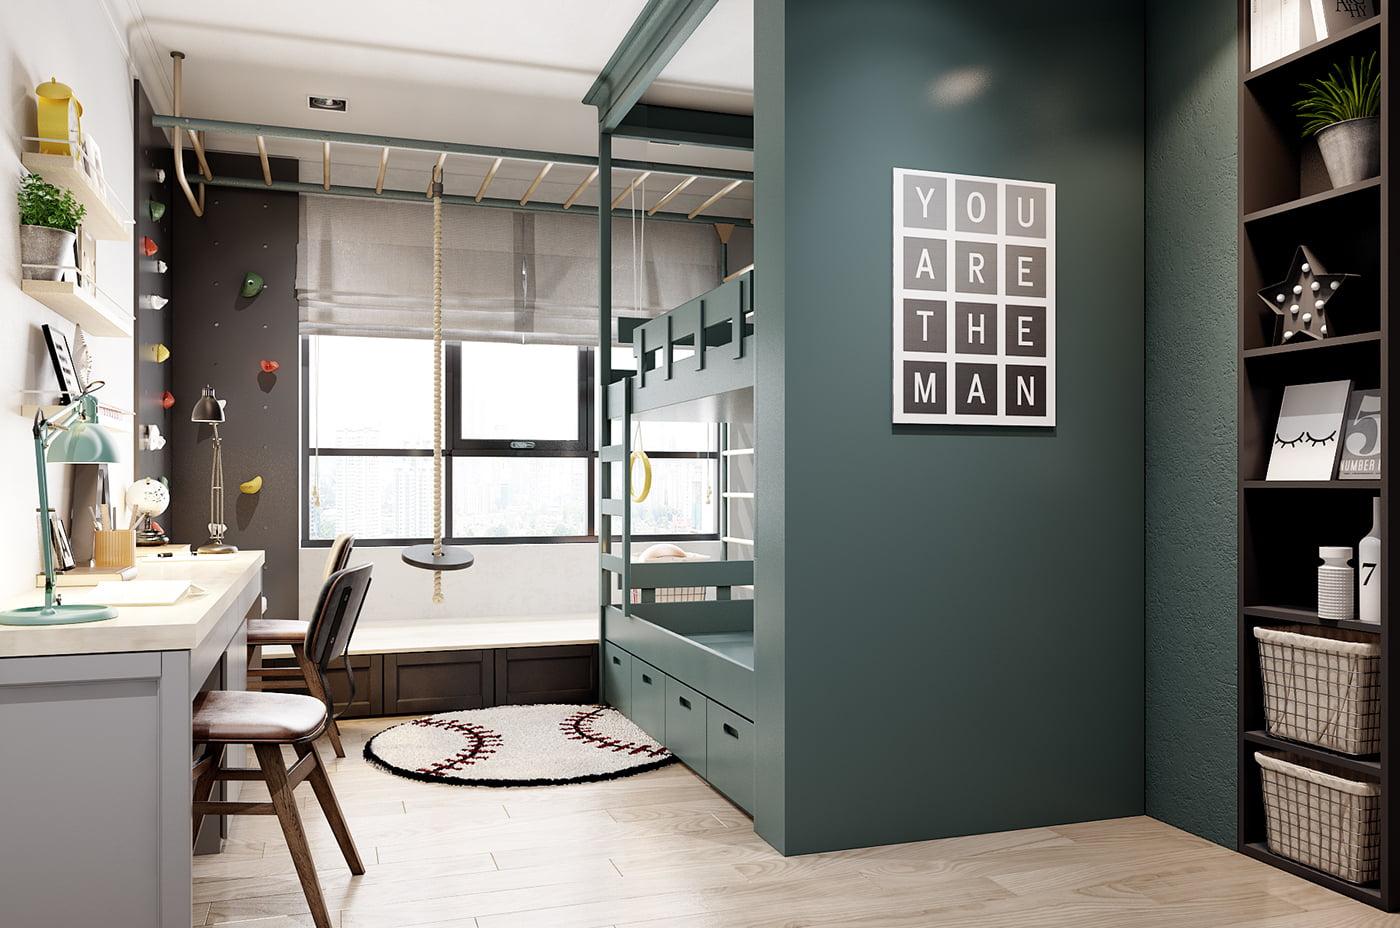 thiết kế nội thất chung cư hiện đại 11